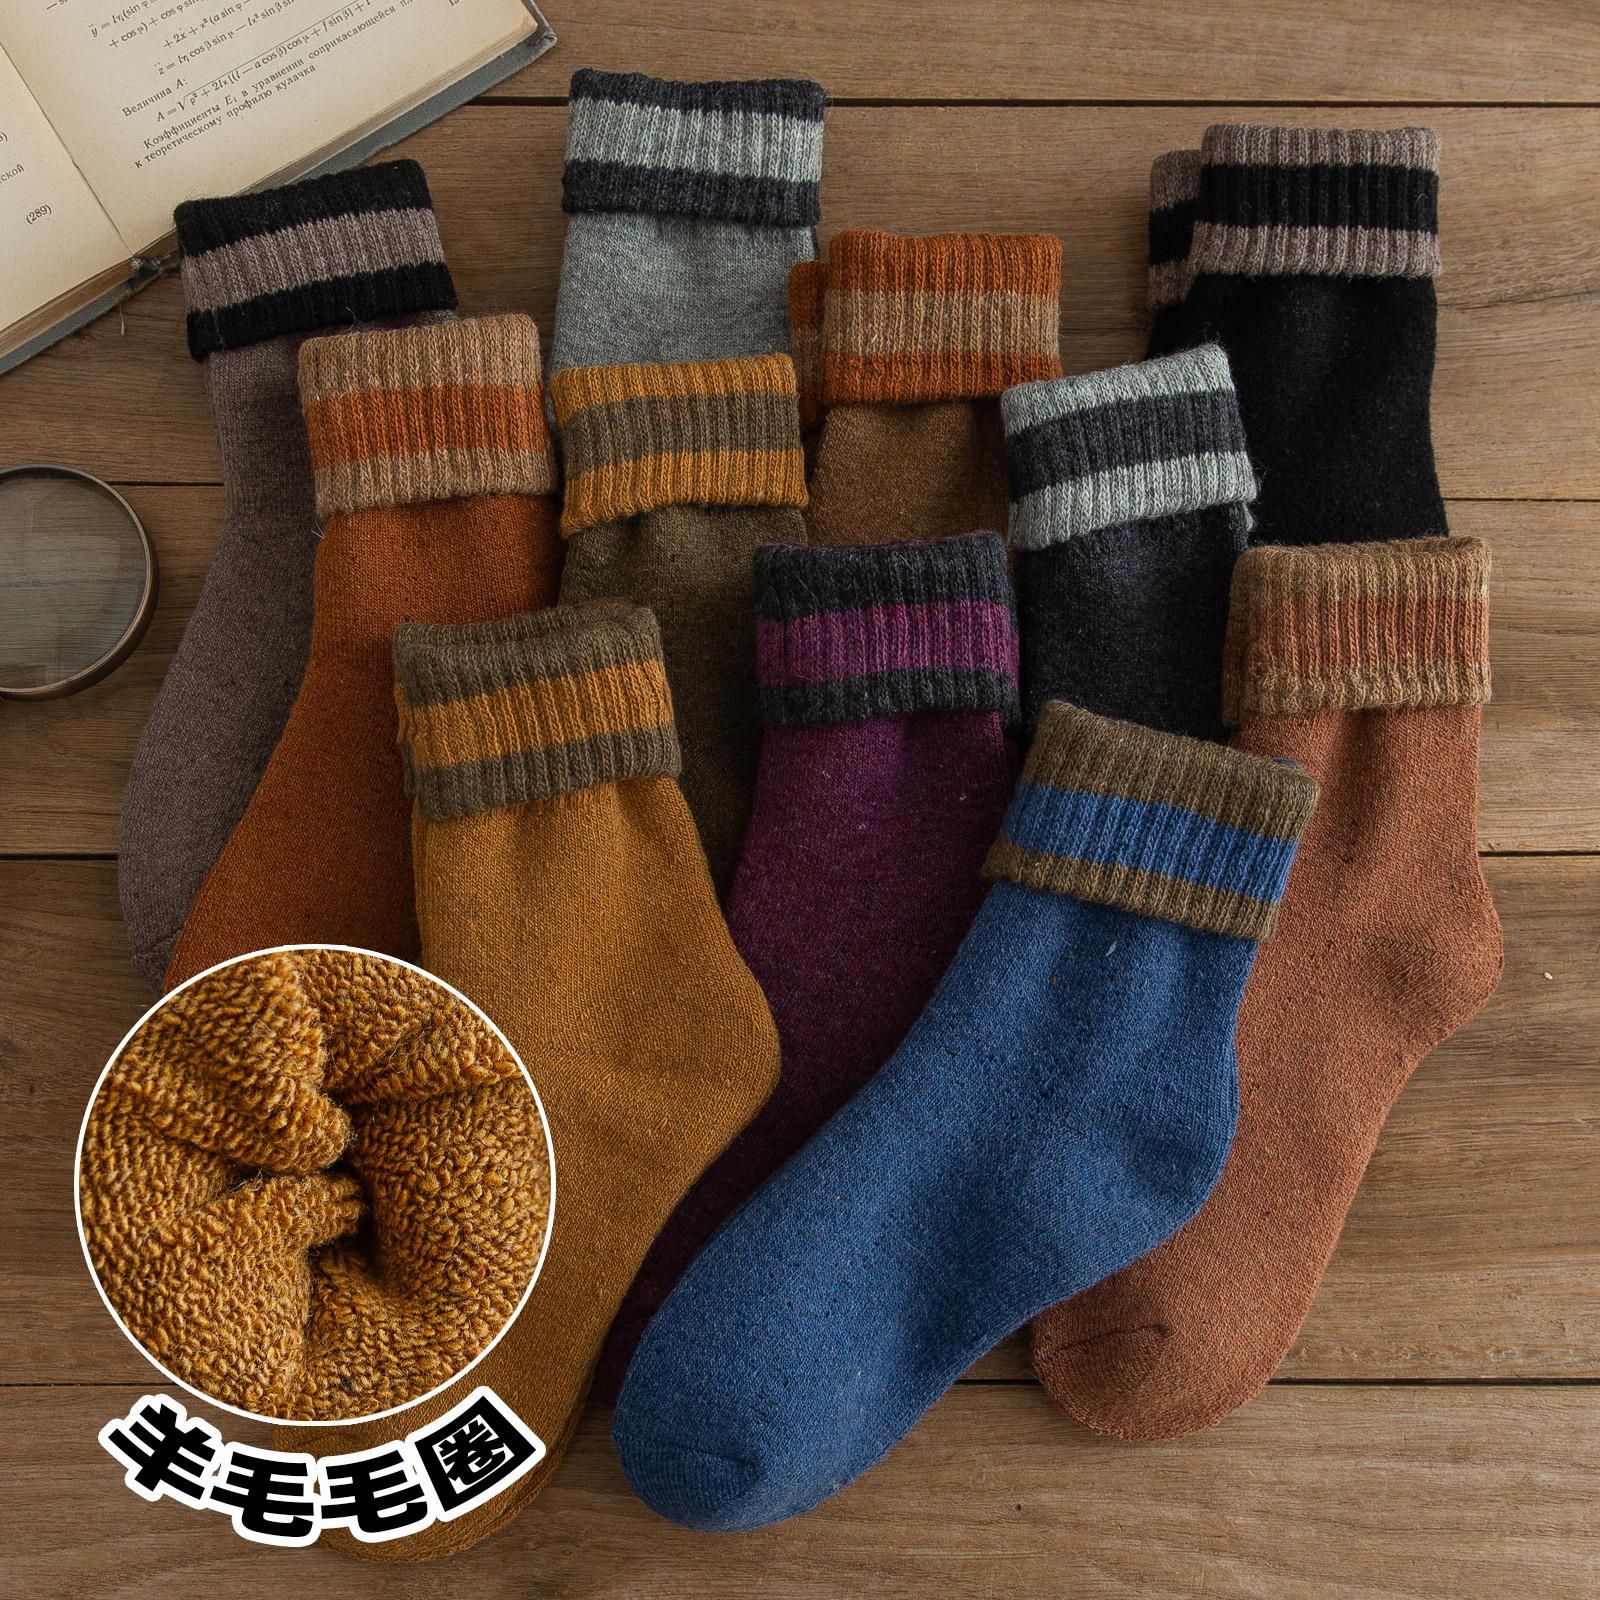 YoYo 【現貨】羊毛襪 女 中筒襪 冬季加絨加厚保暖抗寒毛巾襪 長筒長襪羊絨厚襪子